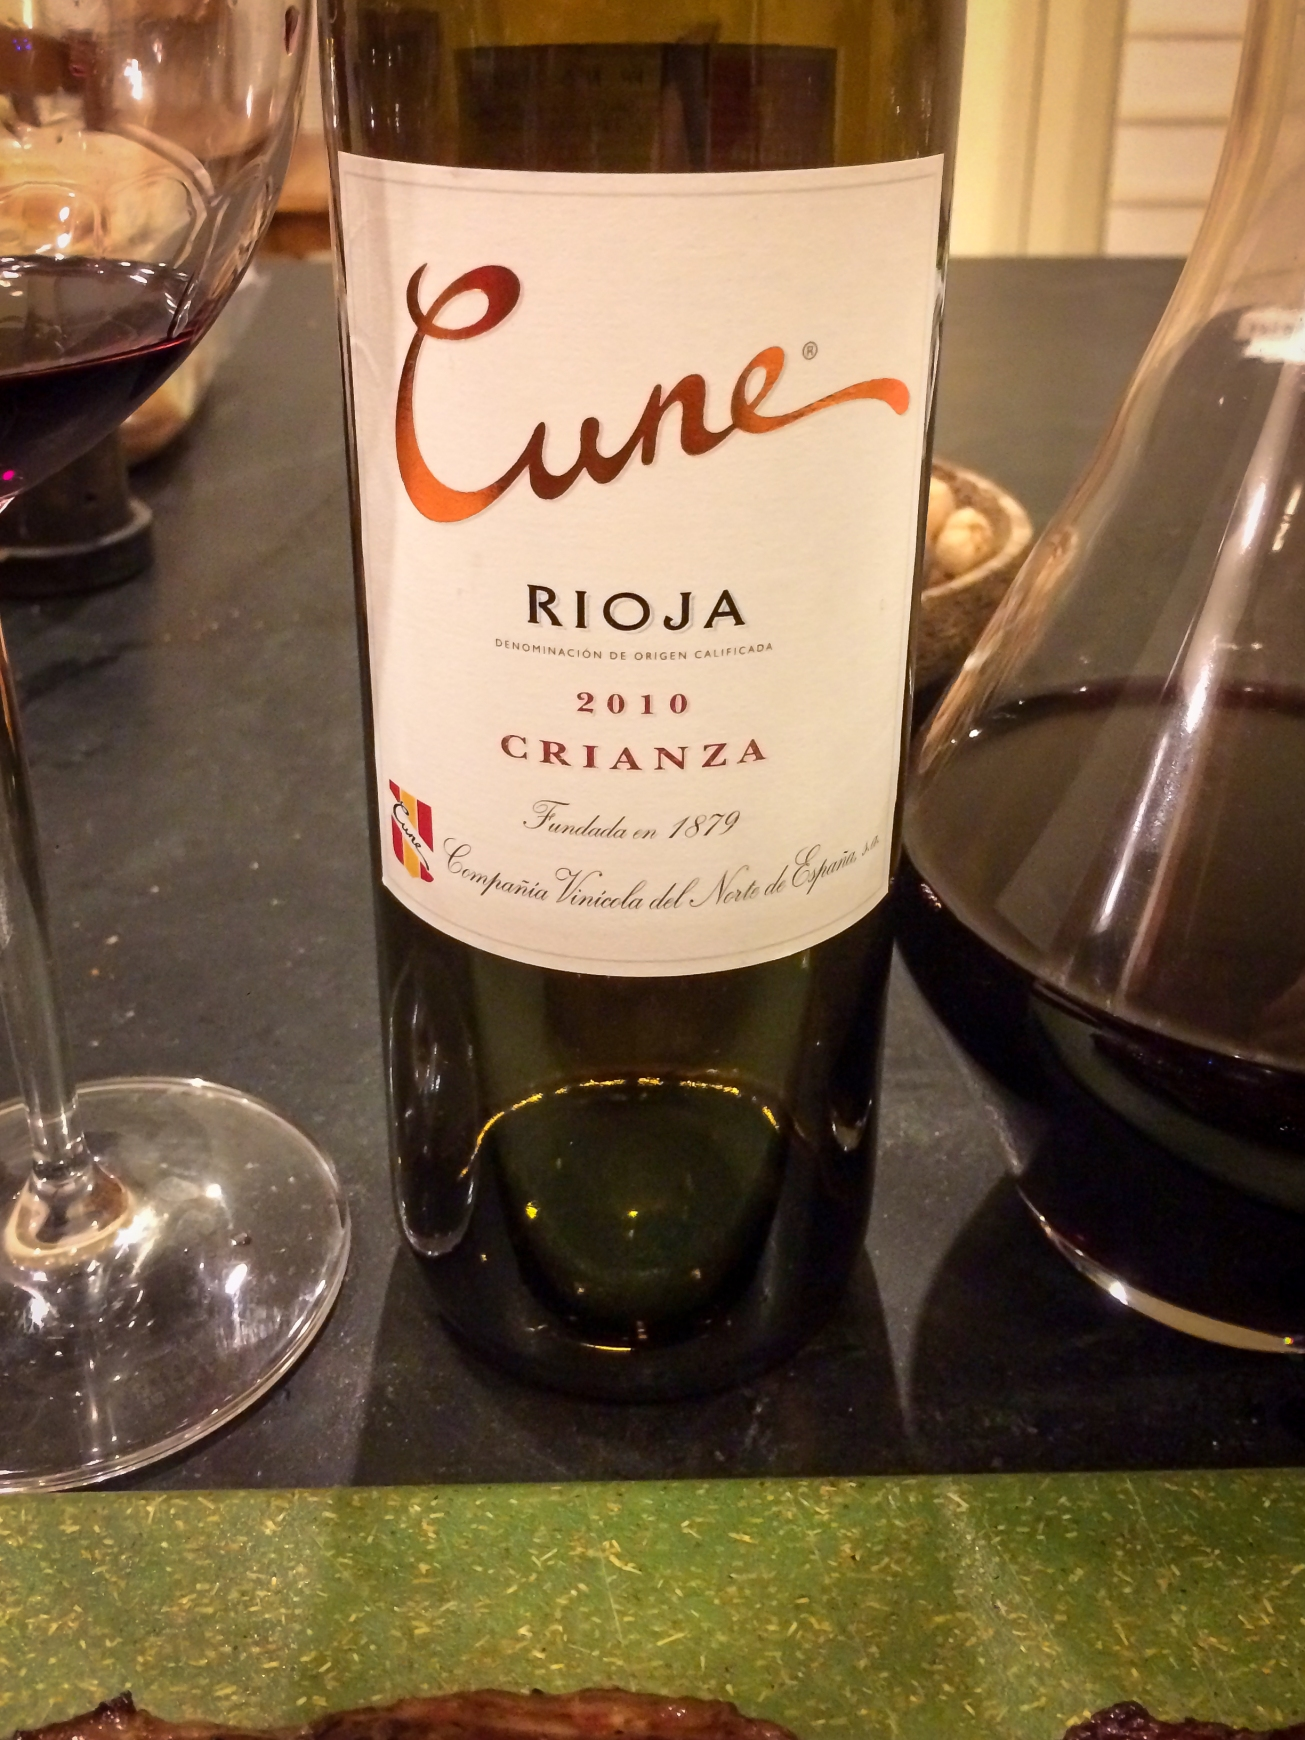 2010 C.V.N.E. (Compañía Vinícola del Norte de España) Rioja Cune Crianza